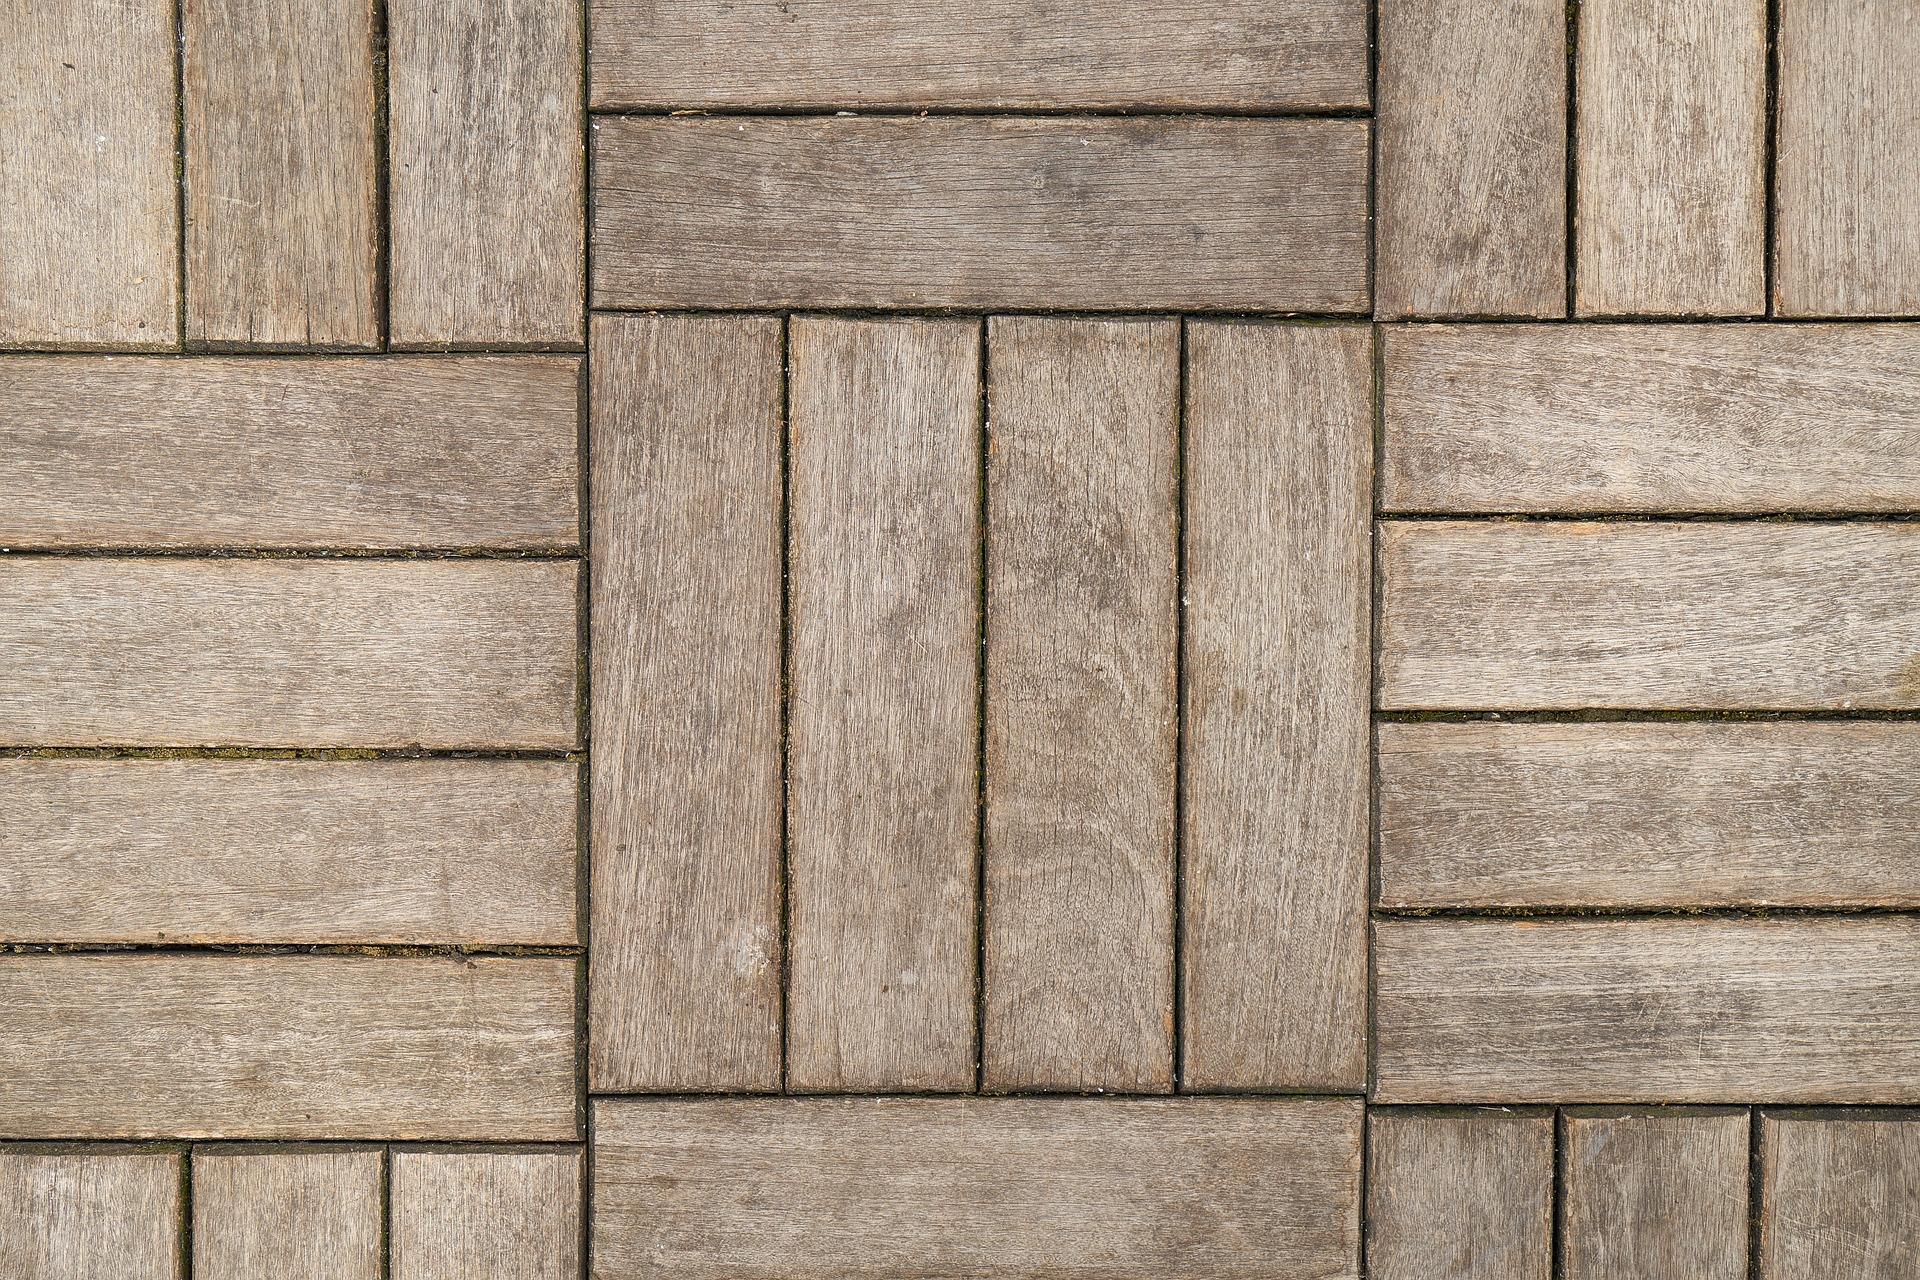 wood-2350494_1920